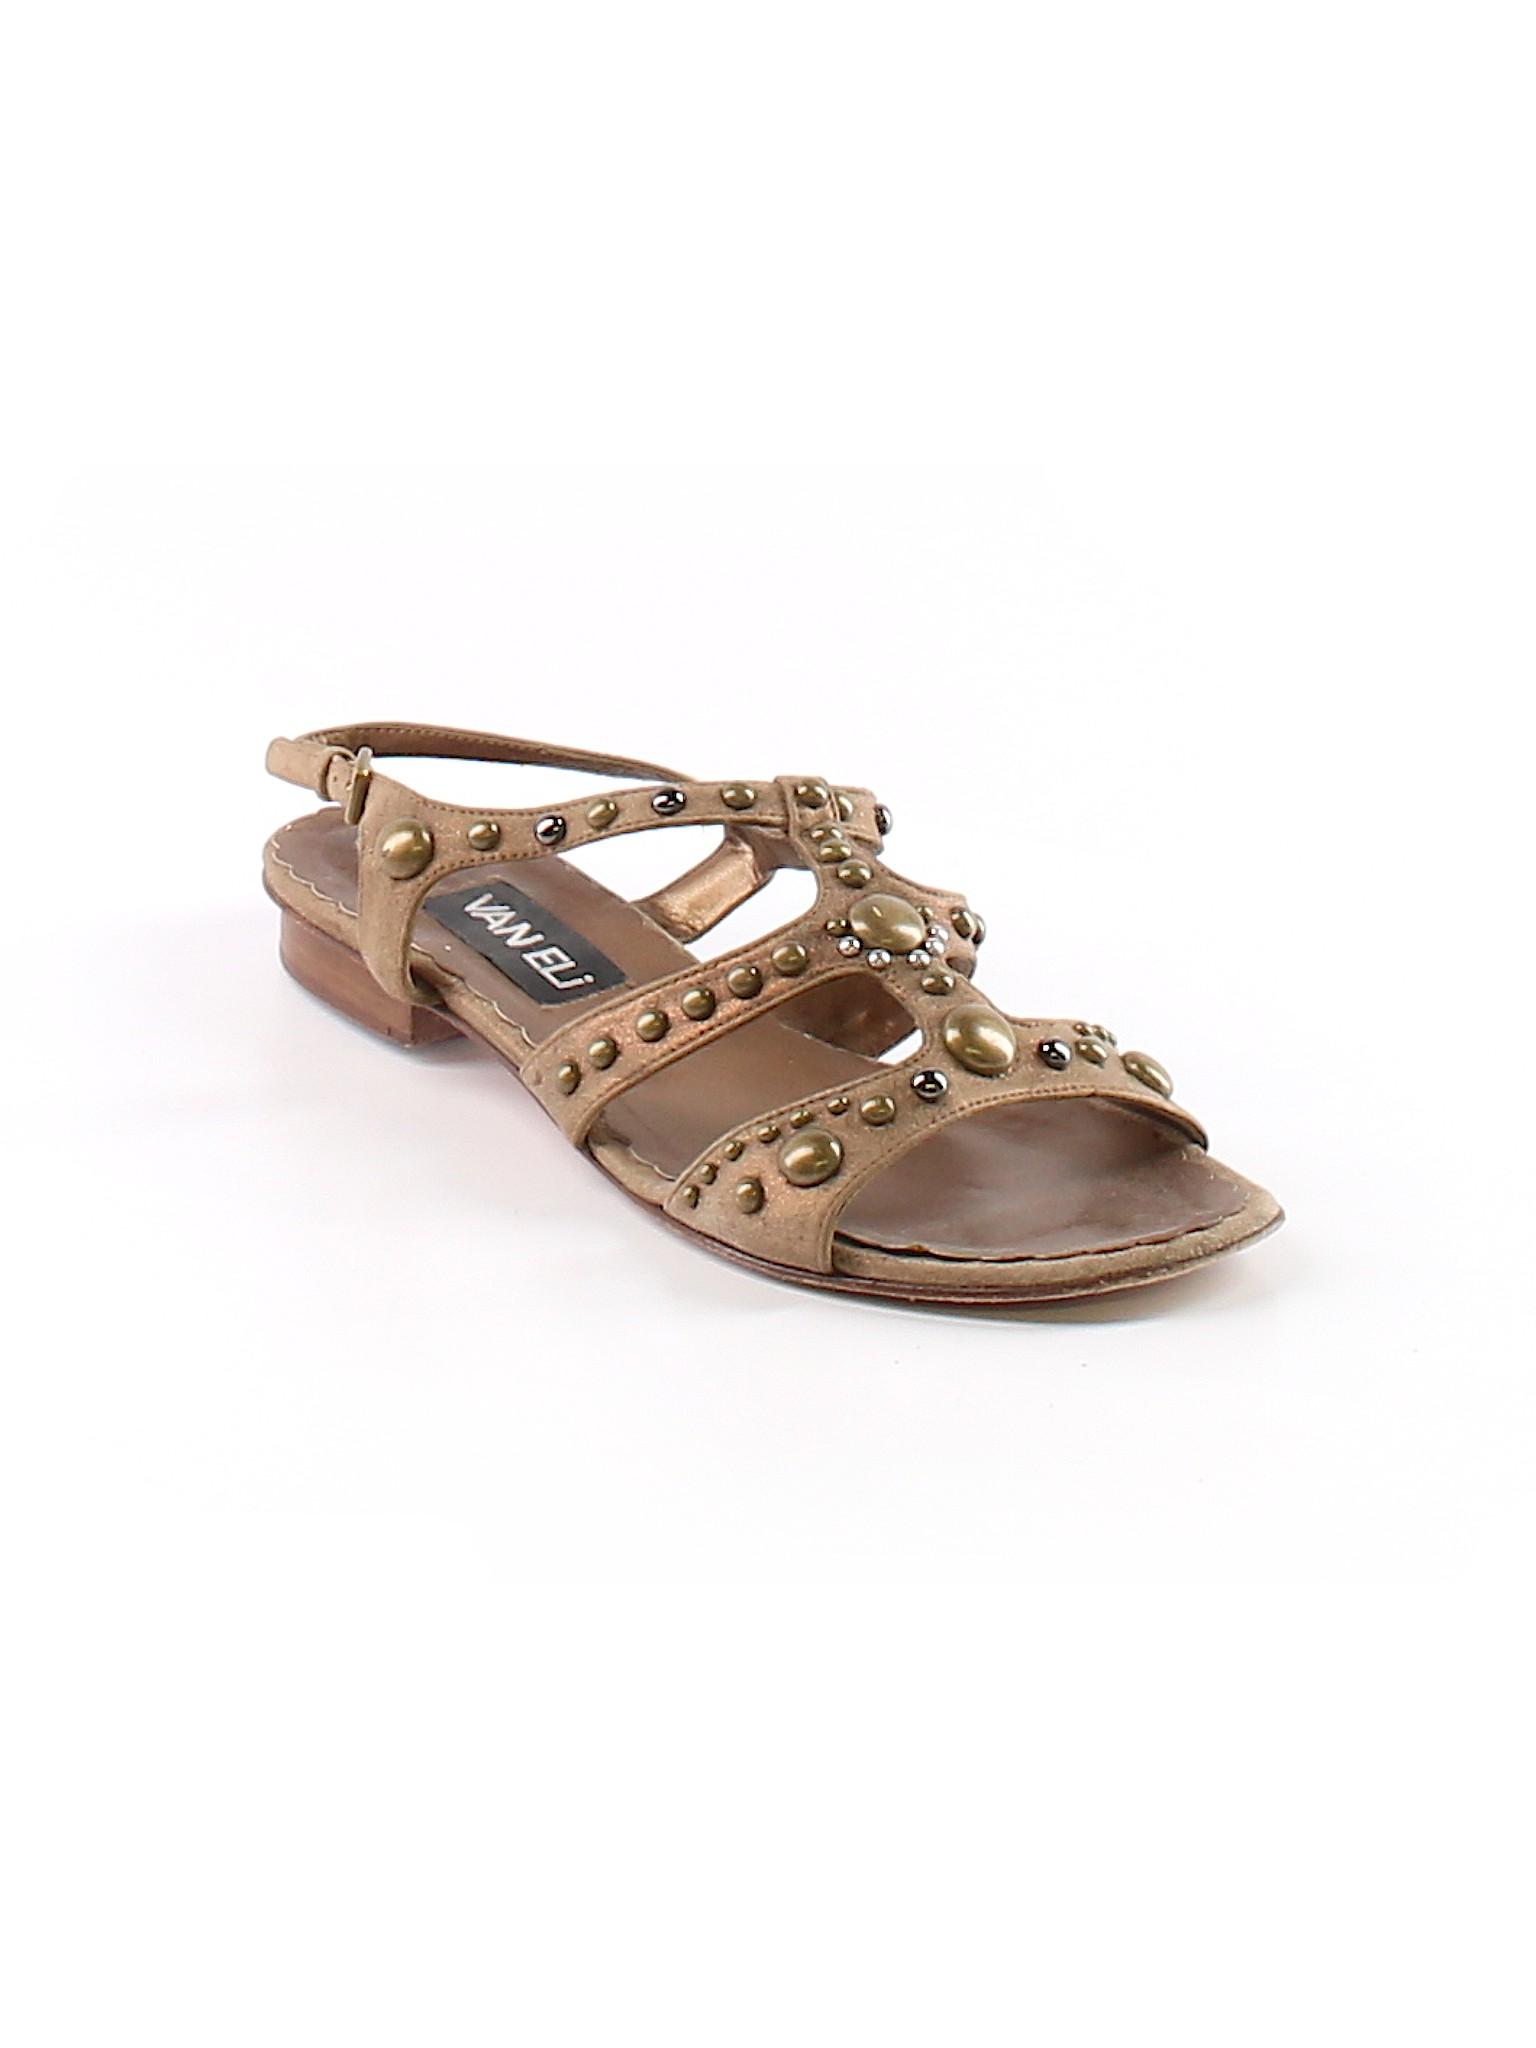 VanEli Boutique promotion Boutique promotion Sandals nfwqpxRvzx